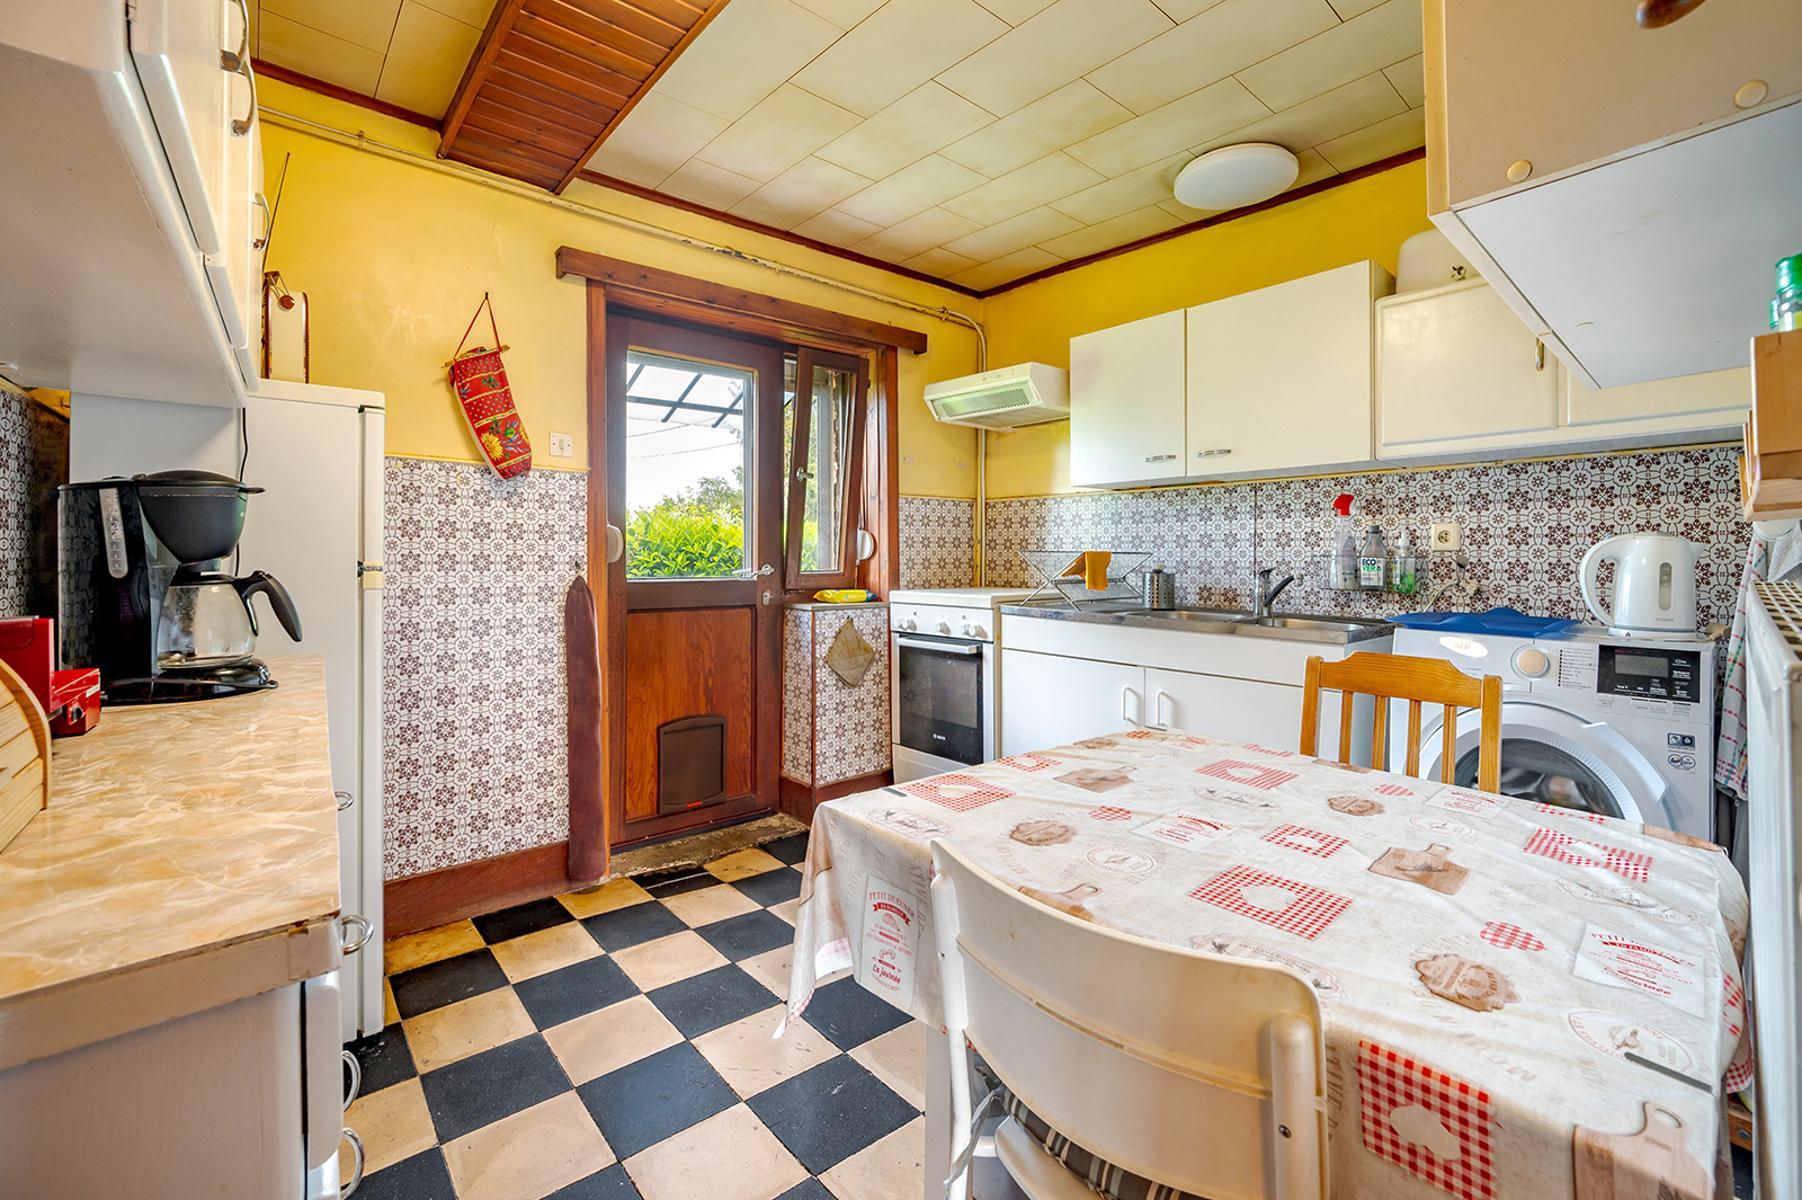 Maison - Braives Villeen-Hesbaye - #4496111-9